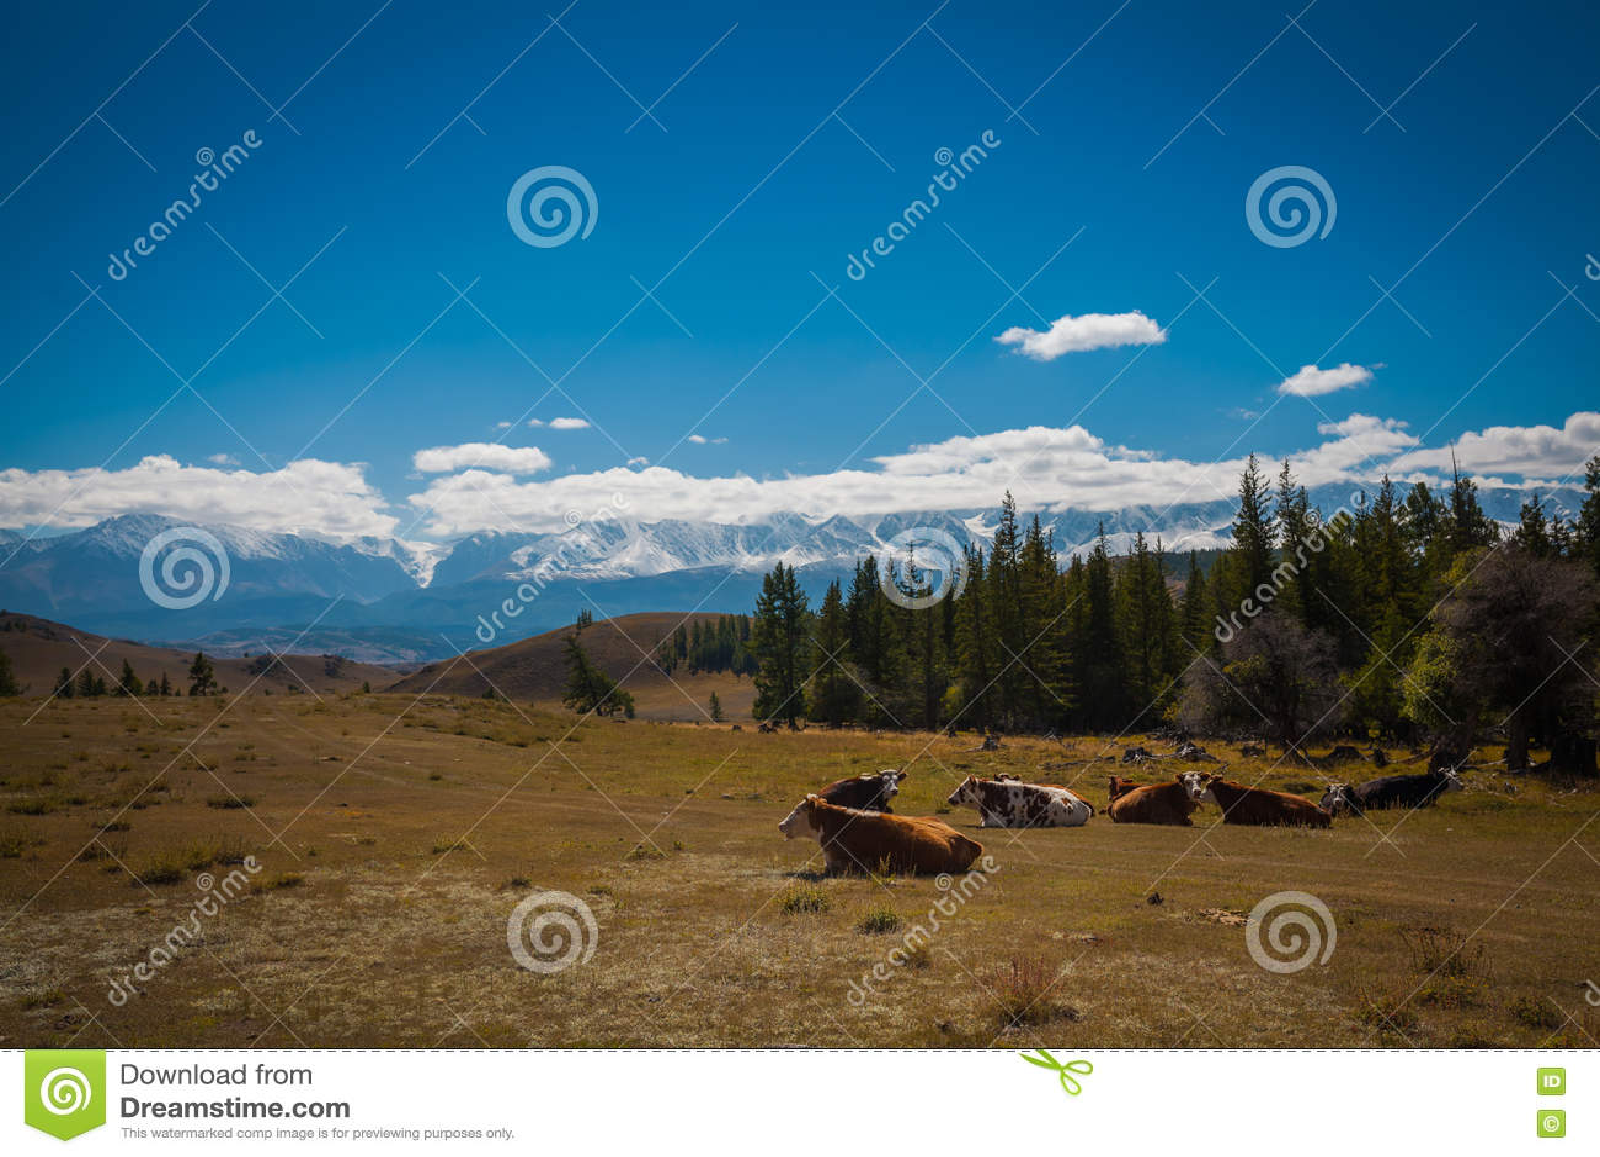 Idyllisch landschap met koeien die in verse groene weiden weiden